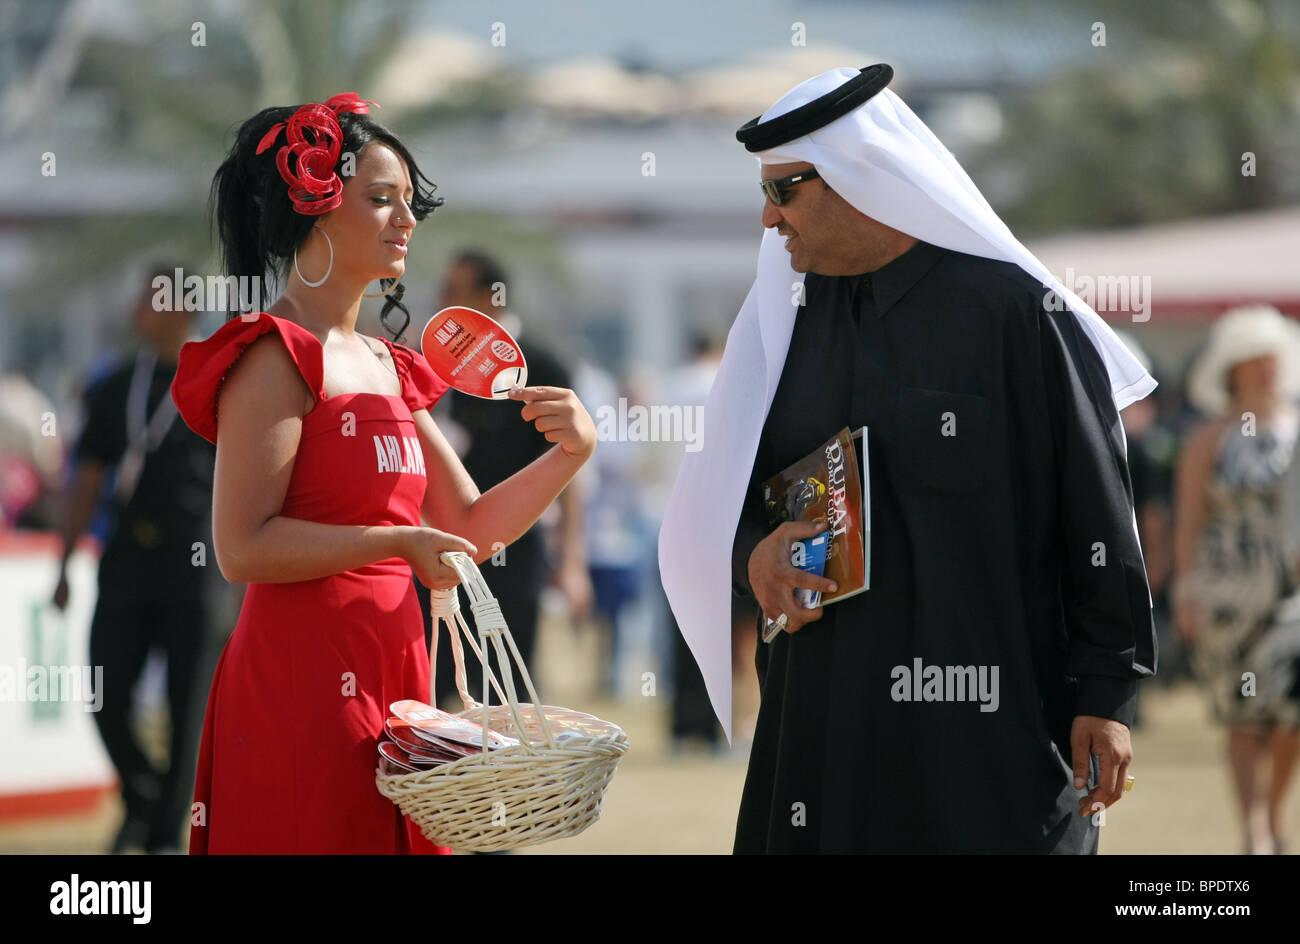 Kleidung frauen vereinigte arabische emirate